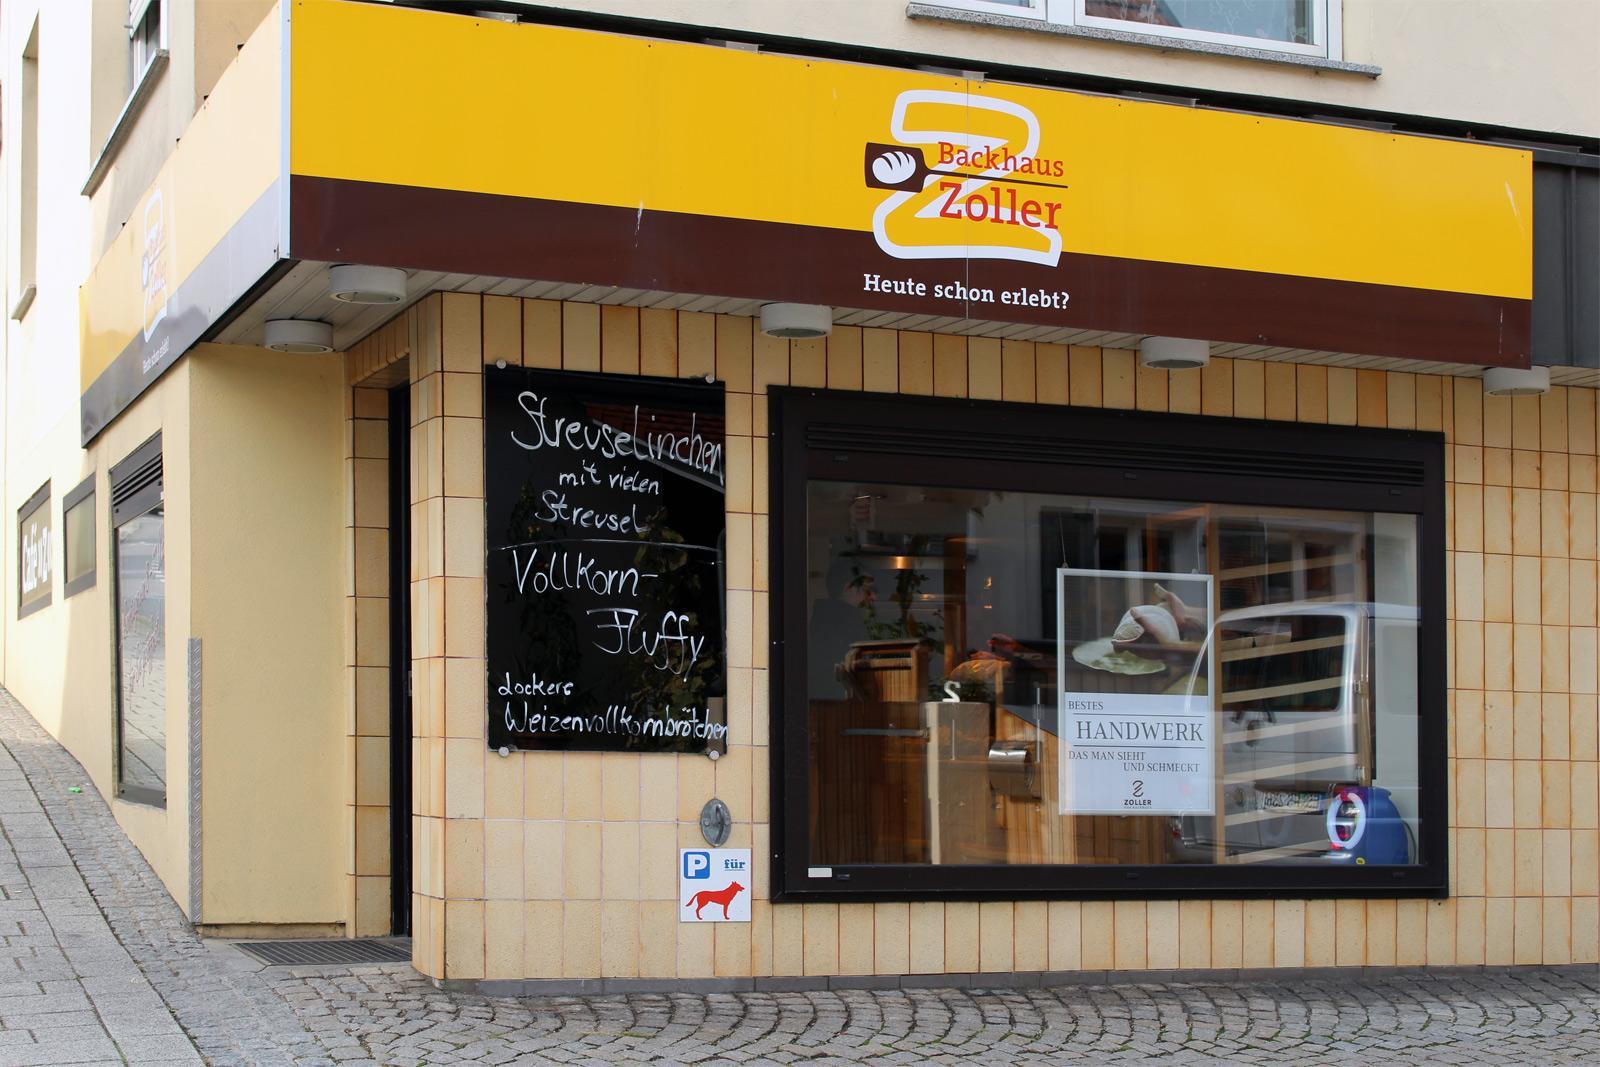 backhaus-zoller-fageschaeft_scharnhausen_aussen